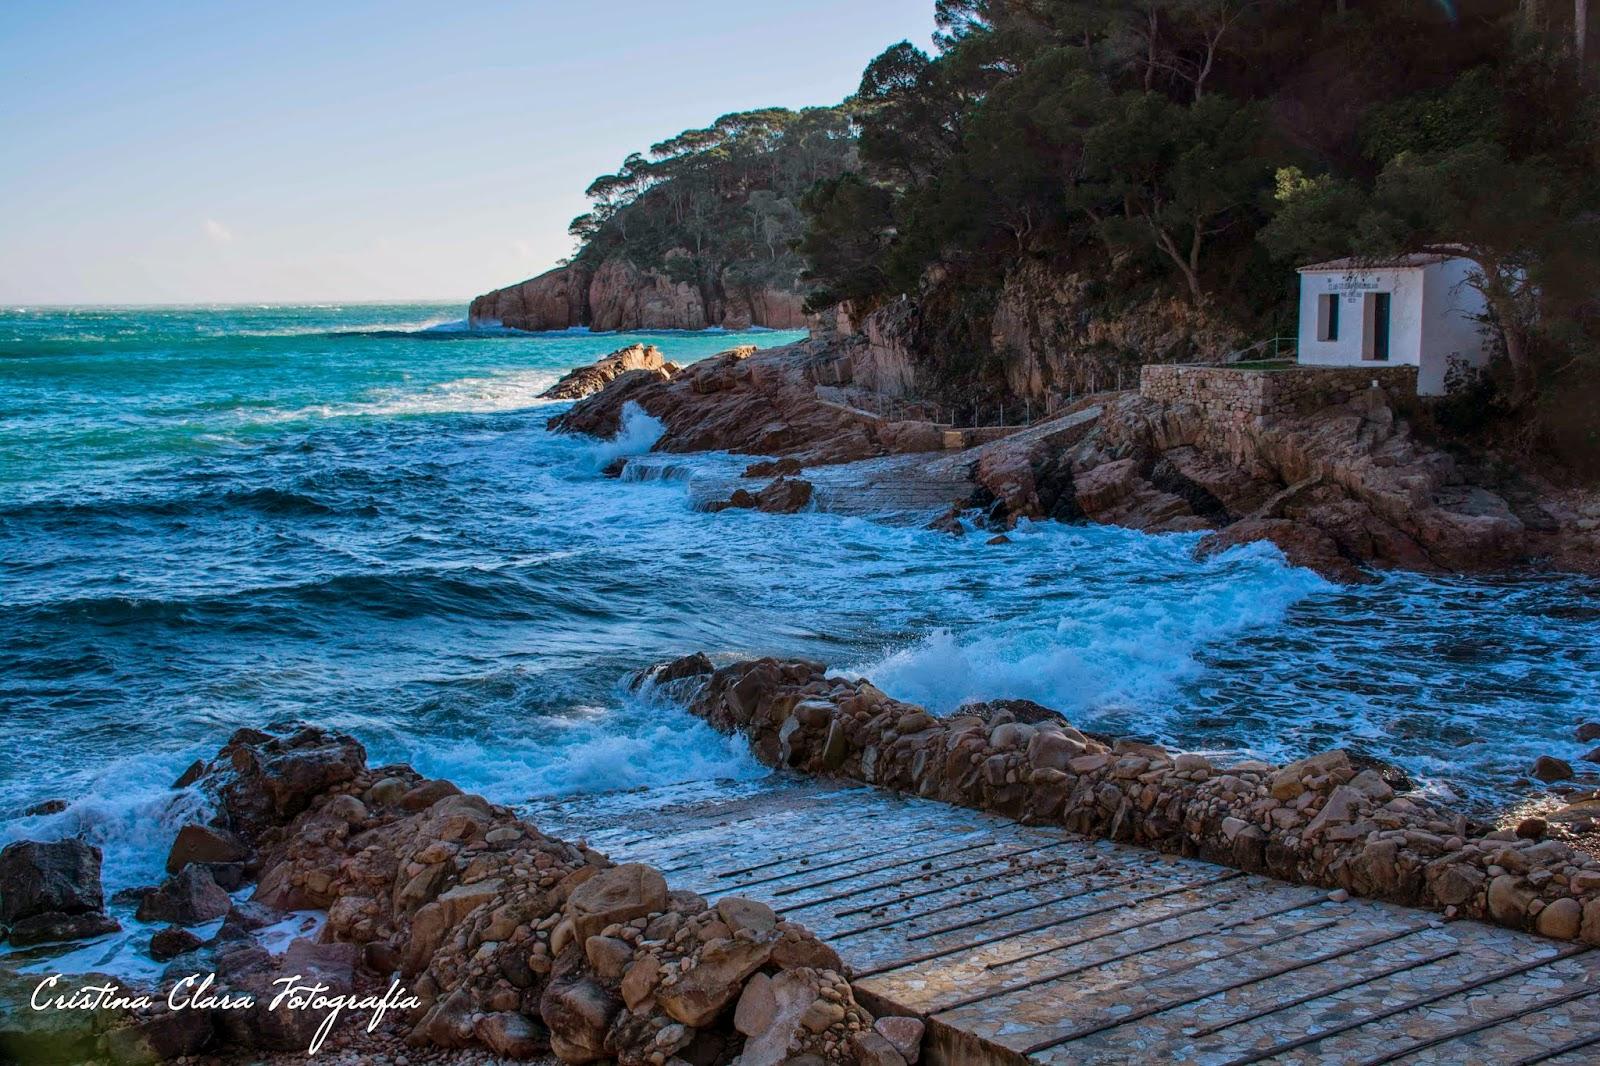 Cristina clara fotograf a el camino de ronda de aiguablava a platja fonda begur - Aiguablava piscina natural ...